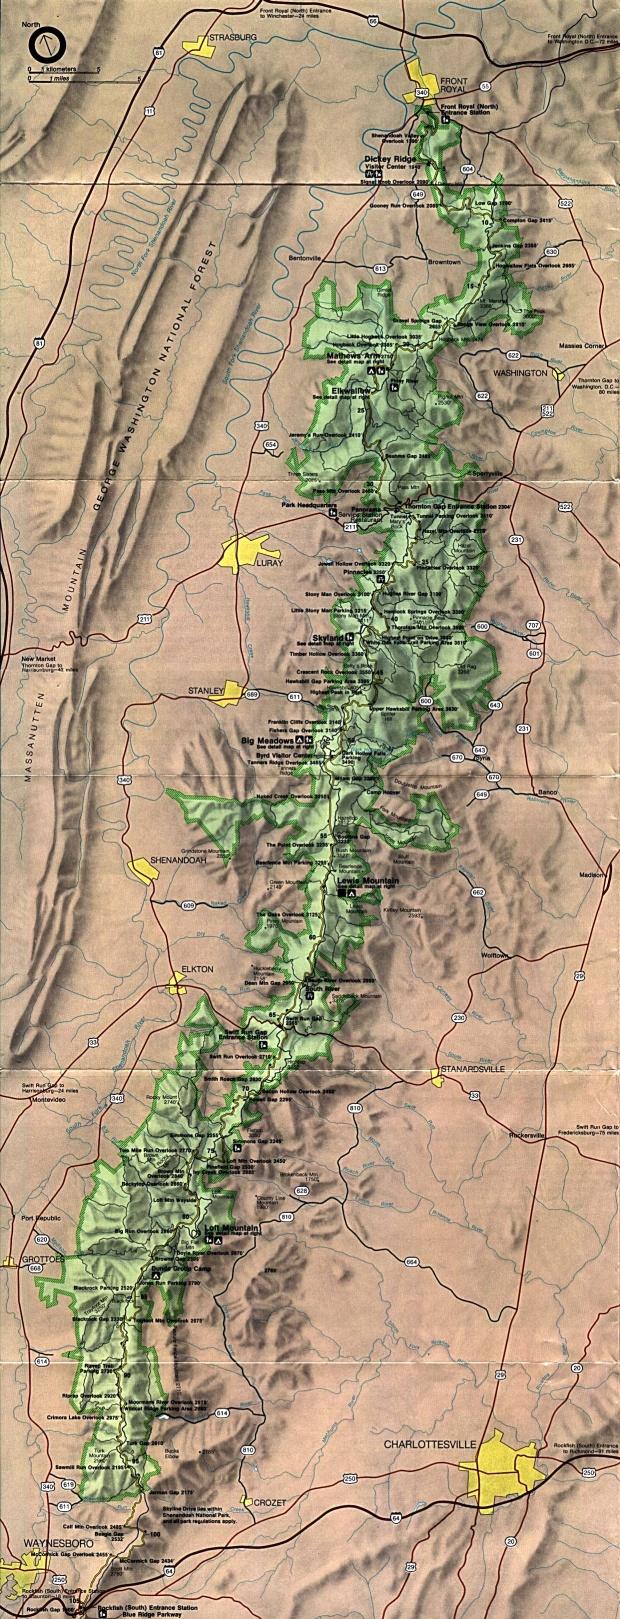 Mapa del Parque Nacional Shenandoah, Virginia, Estados Unidos